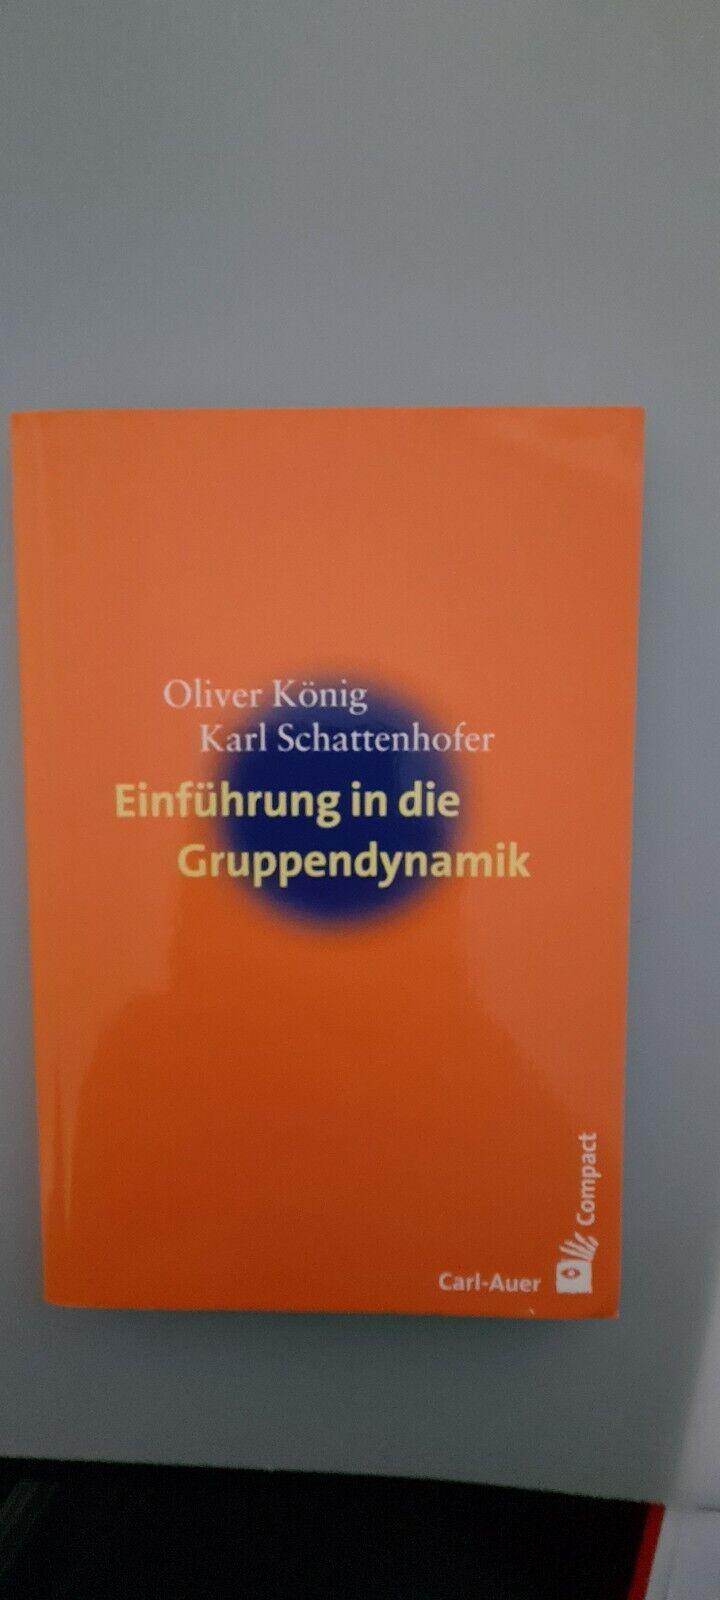 Einführung in die Gruppendynamik von Oliver König und Karl Schattenhofer - 2011 - König, Schattenhofer